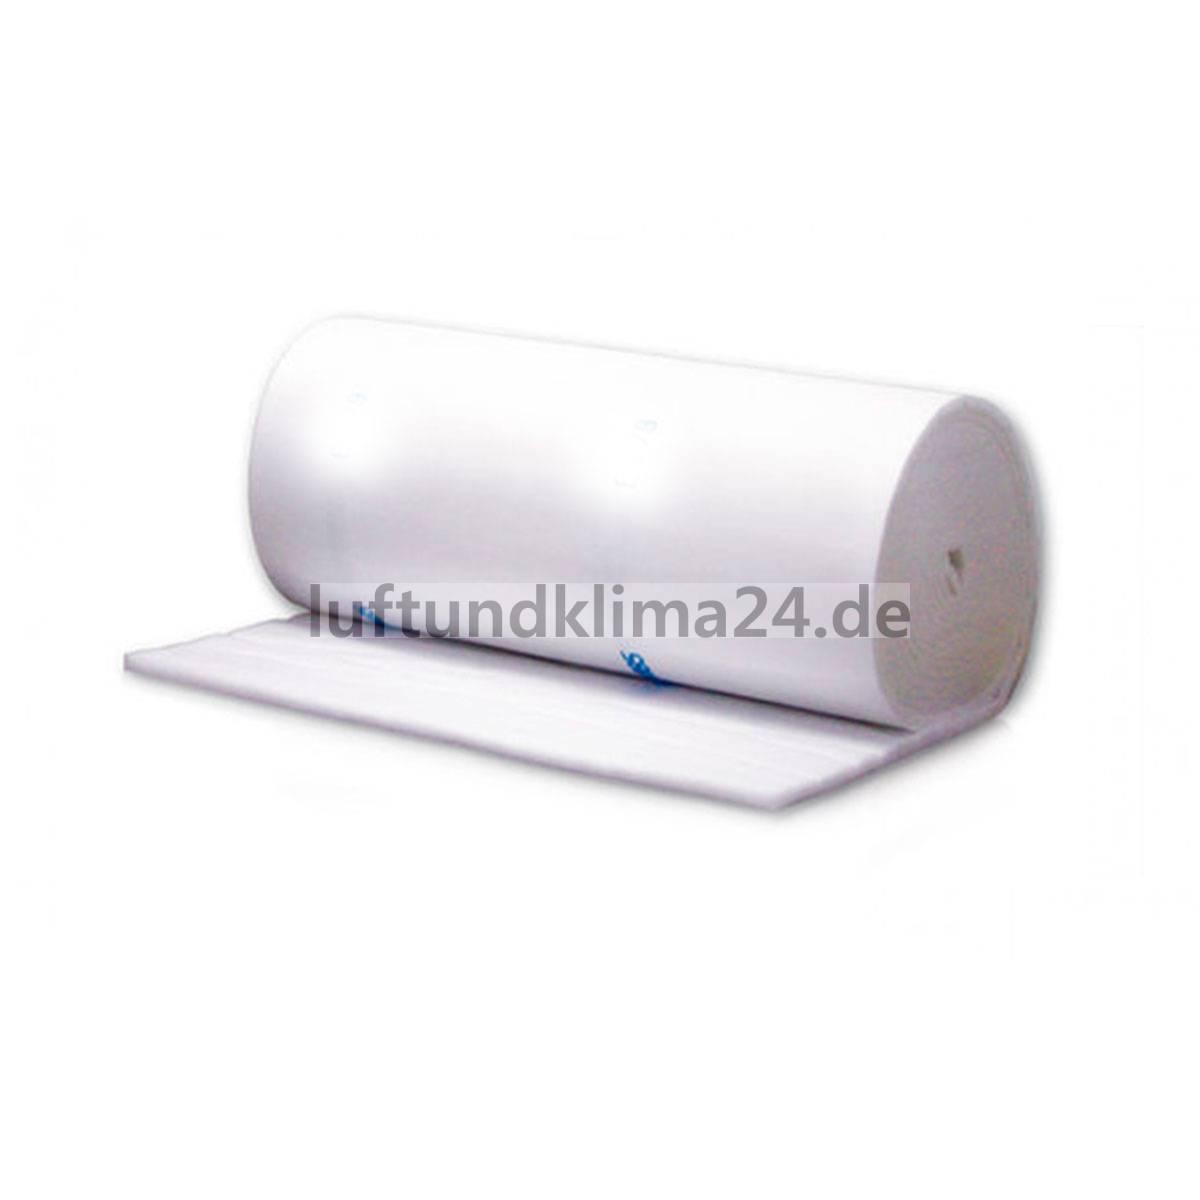 375-800 Thermo Suppenbecher Styroporbecher FC Beh/älter Isolierbecher wei/ß FC8 230ml 800St Verschiedene Gr/ö/ßen und Deckel zur Auswahl